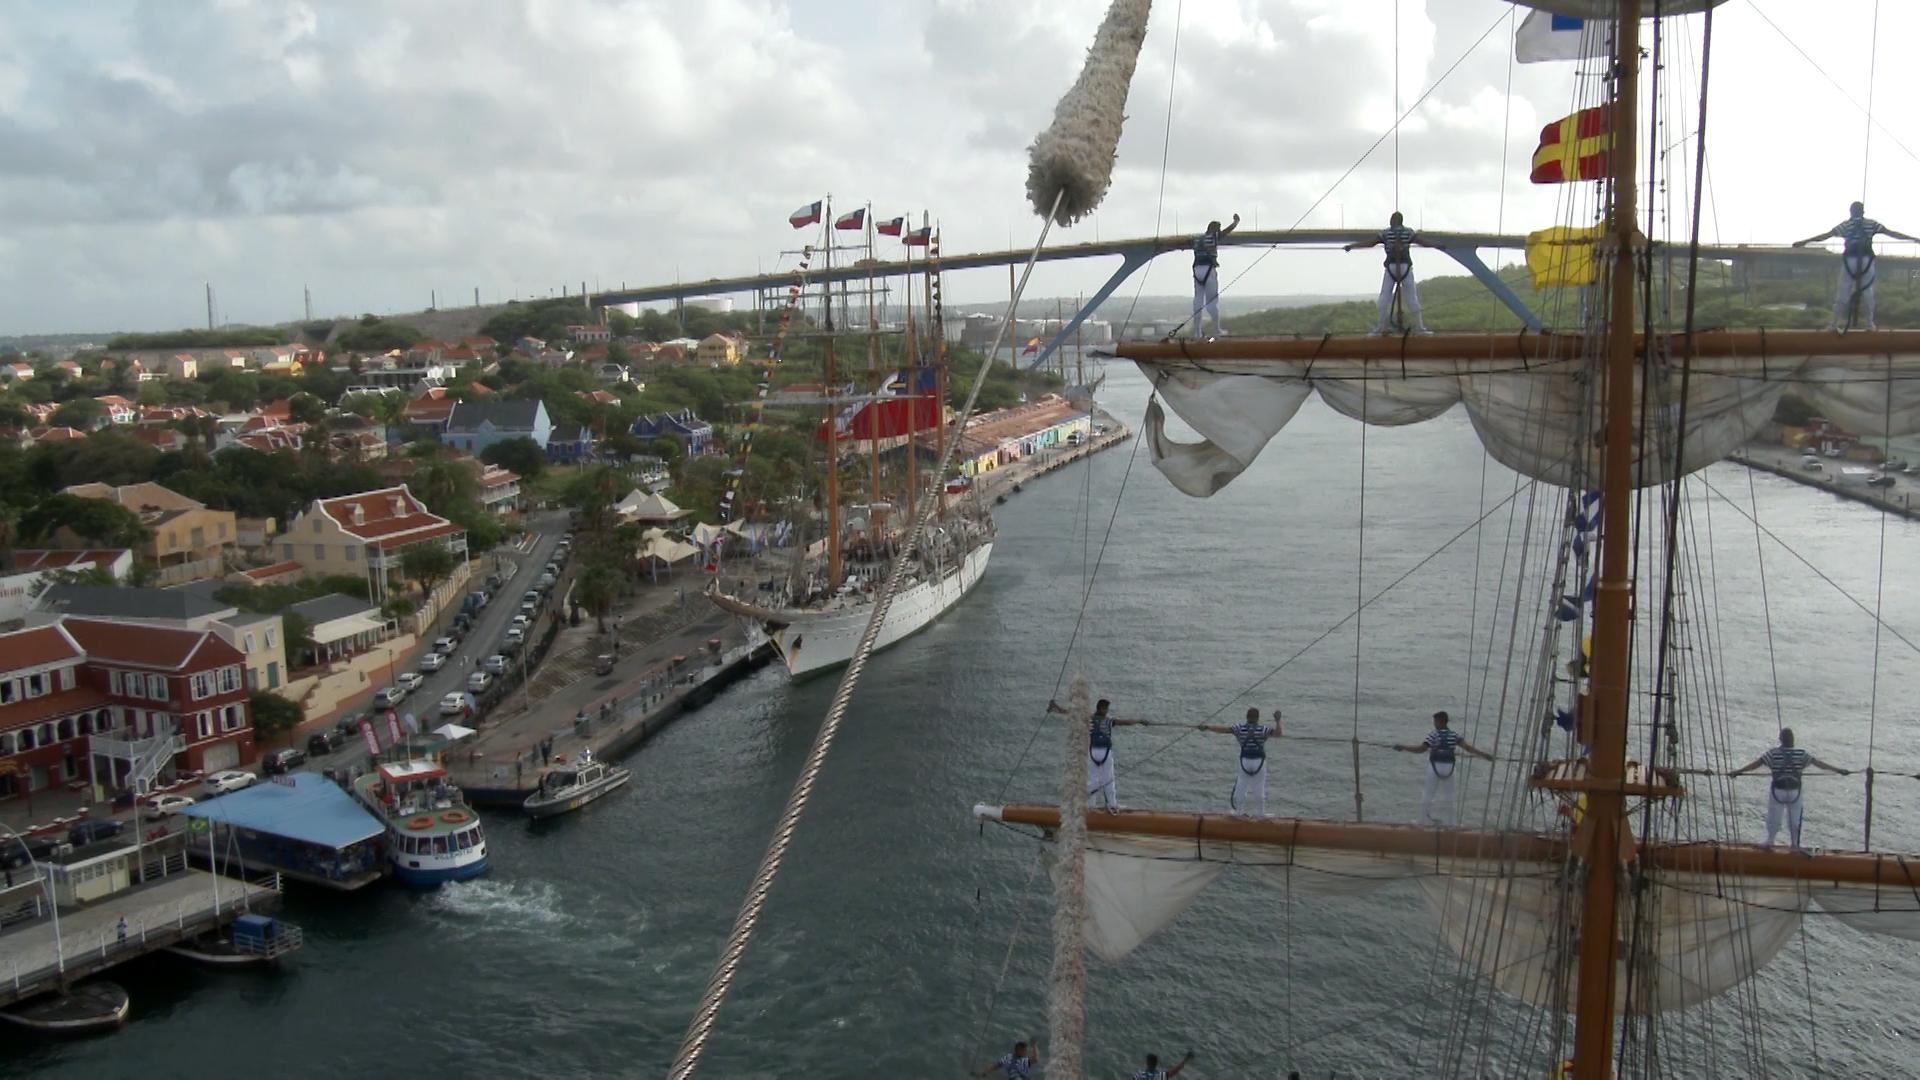 Vista desde buque velero y marinos maniobrando